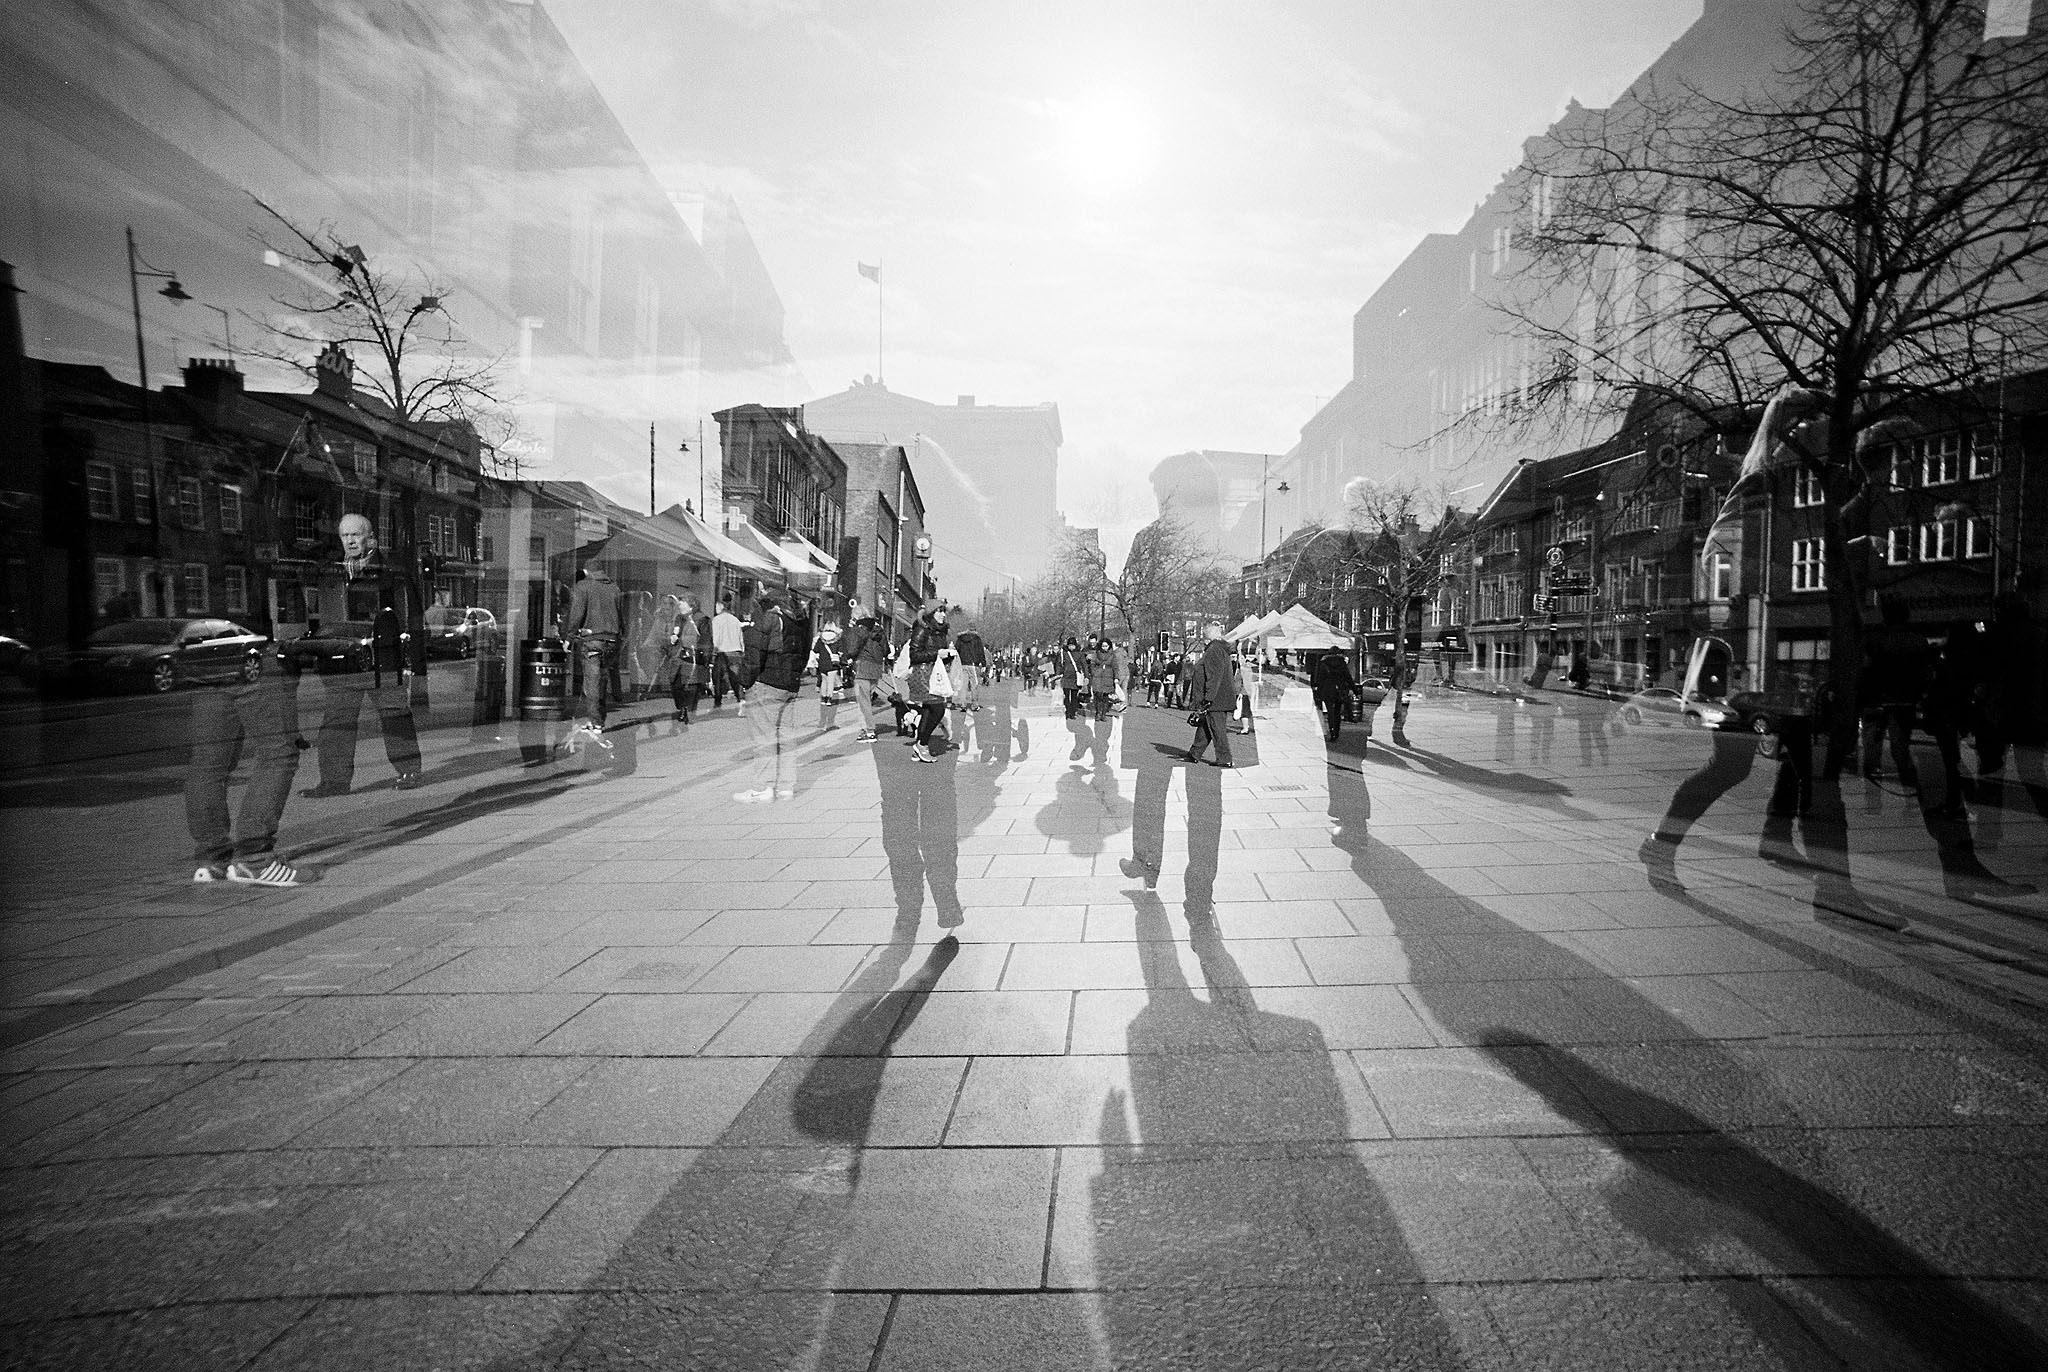 Doppelbelichtung einer Fußgängerzone , aus zwei unterschiedlichen Blcikpunkten, in schwarz-weiß